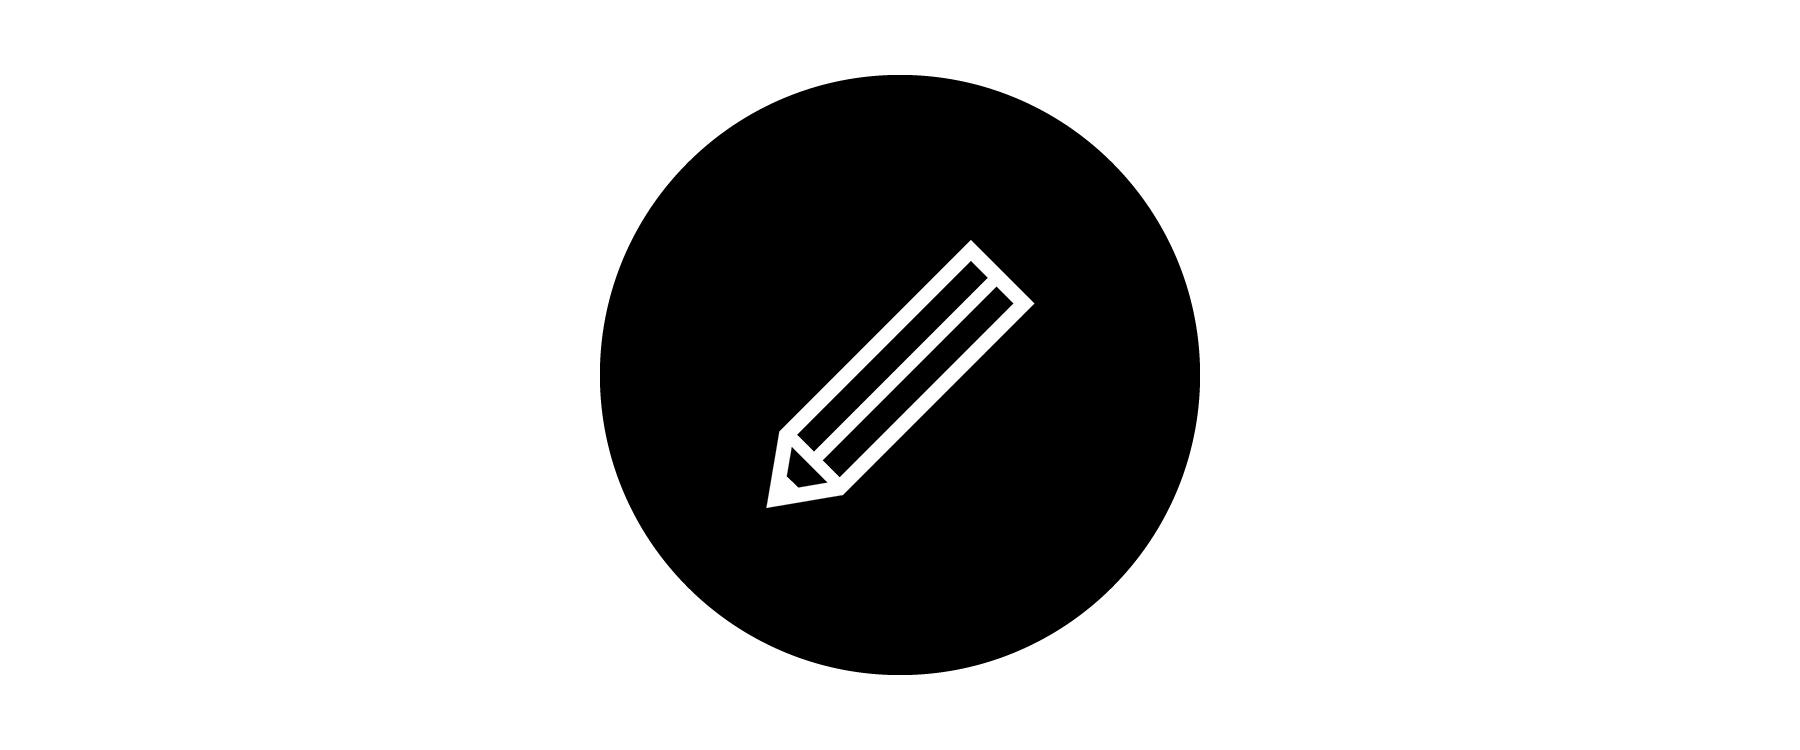 CS-IconPencil.png